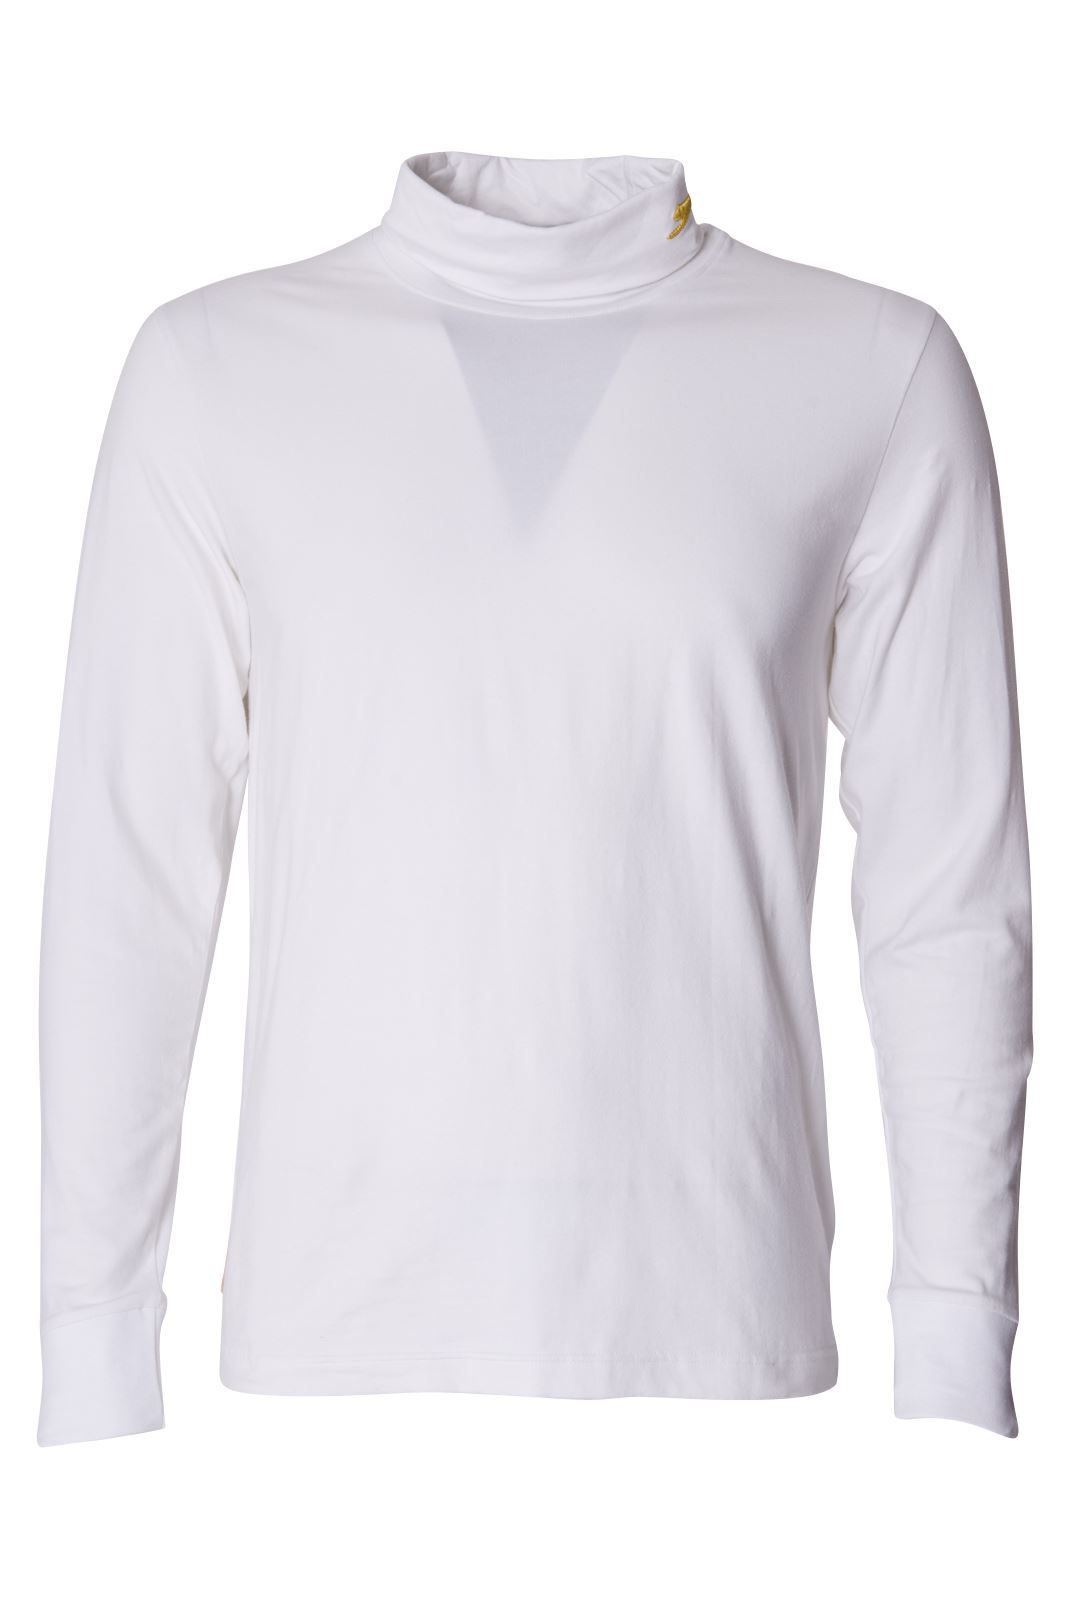 Slazenger Mens High Roll Neck T Shirt Long Sleeves